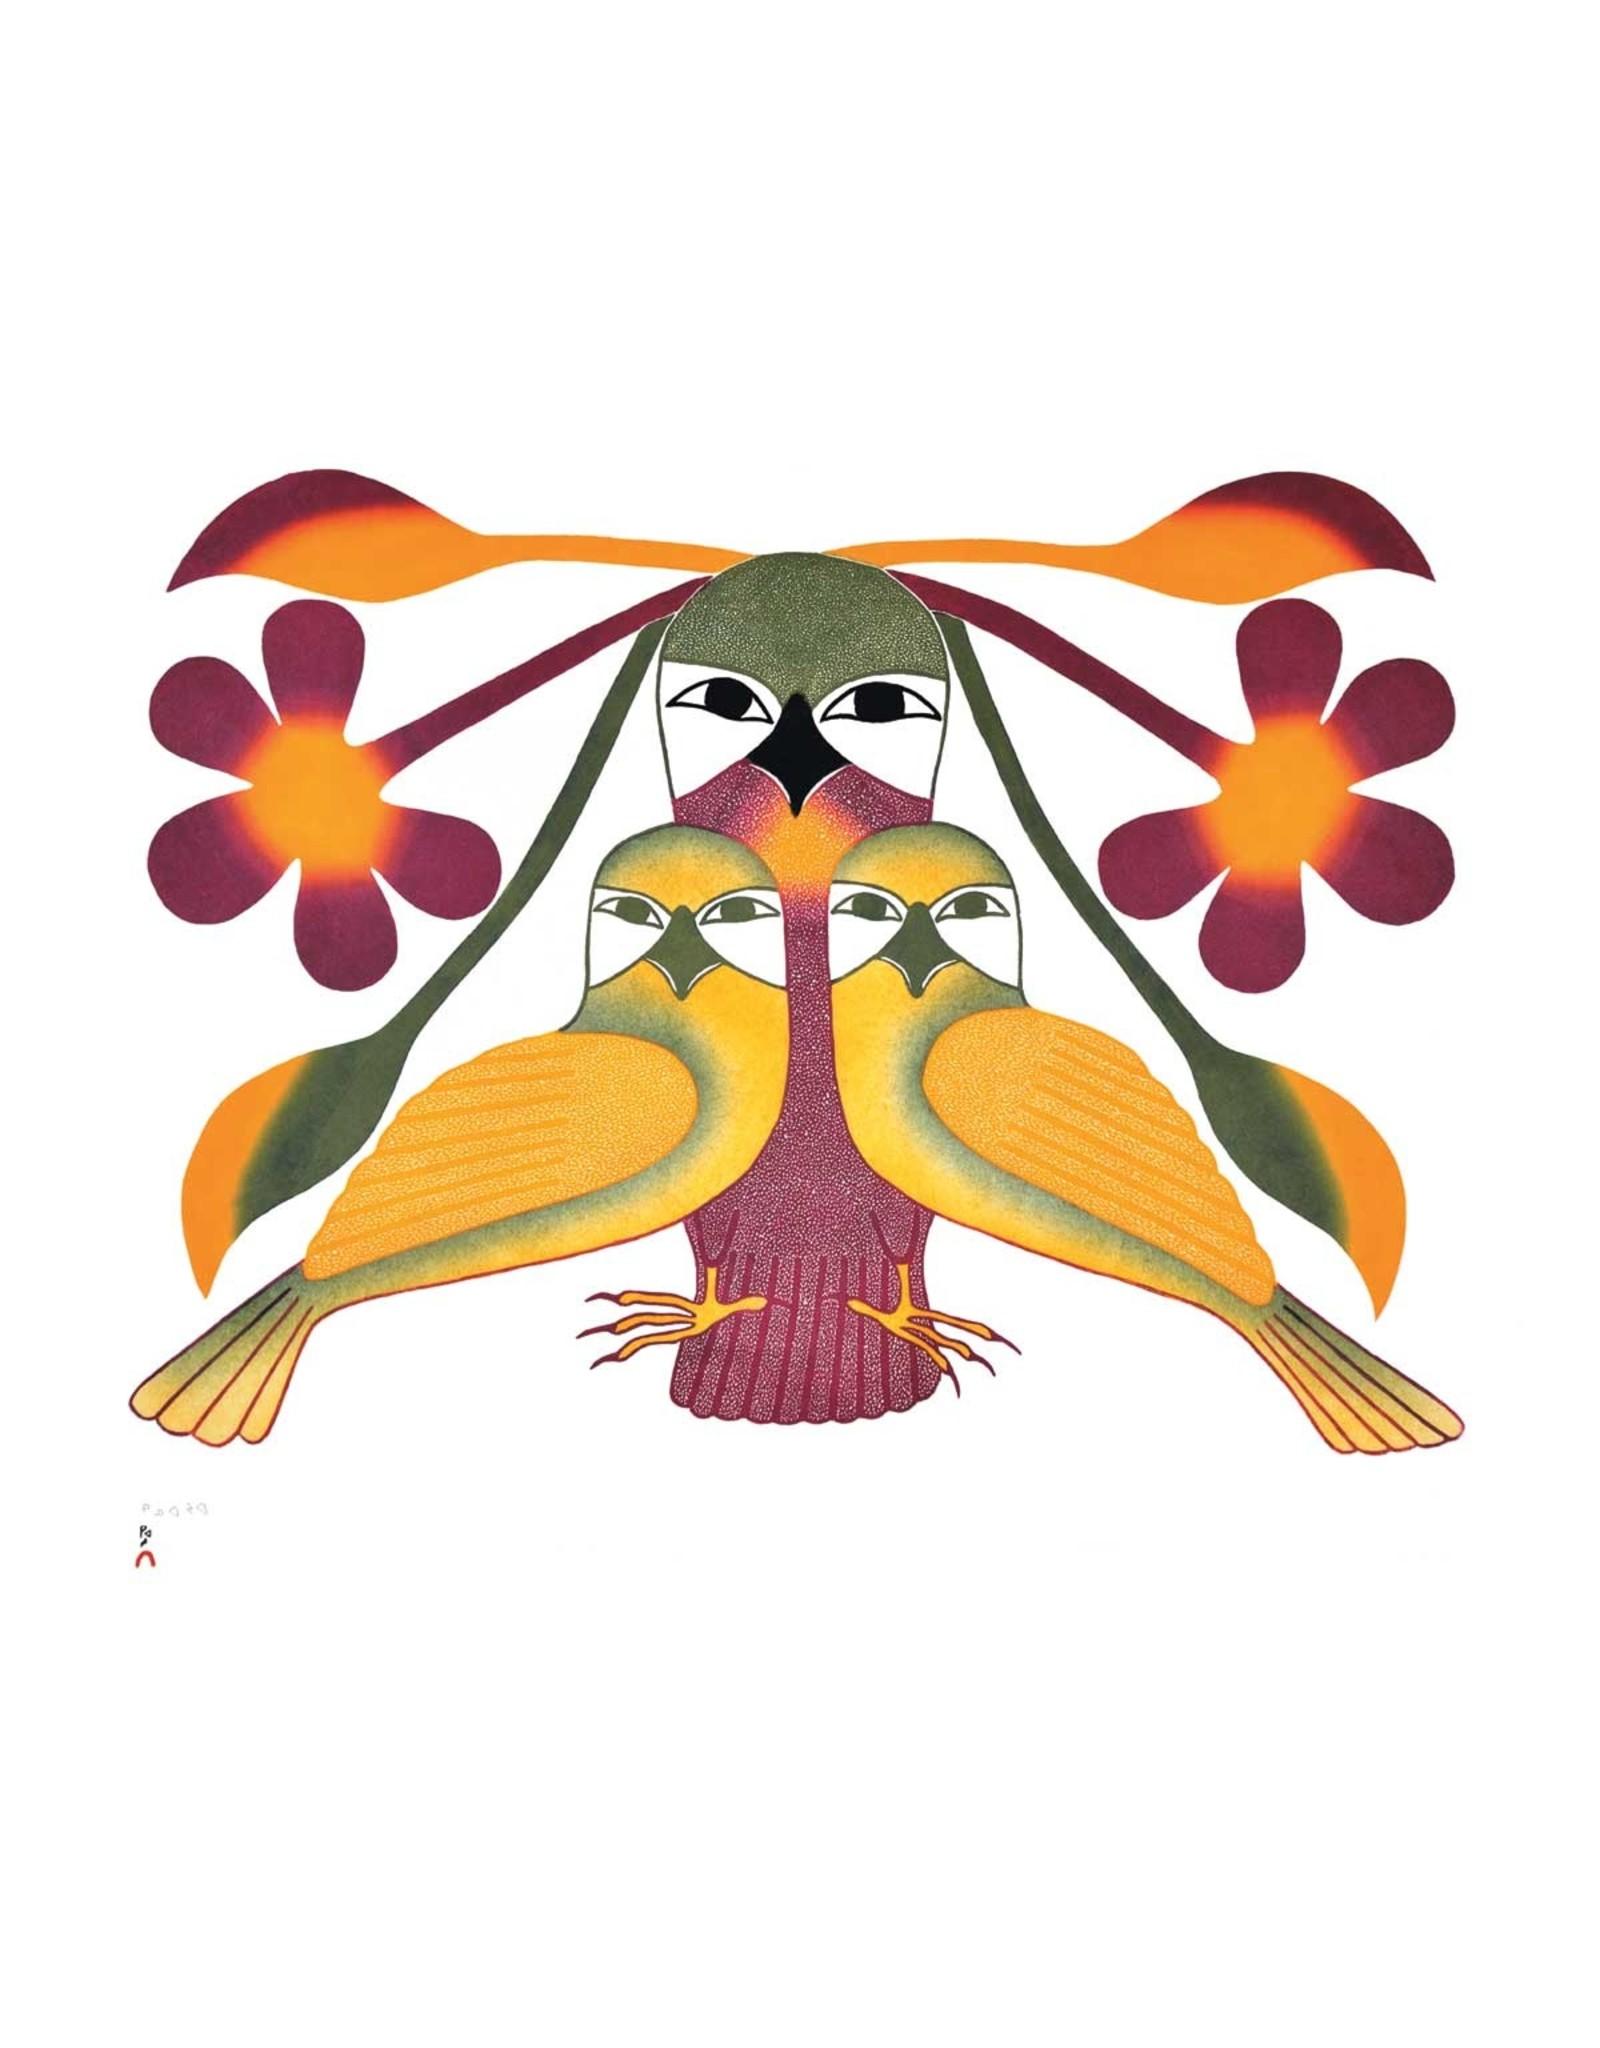 Resplendent Owls by Kenojuak Ashevak Card